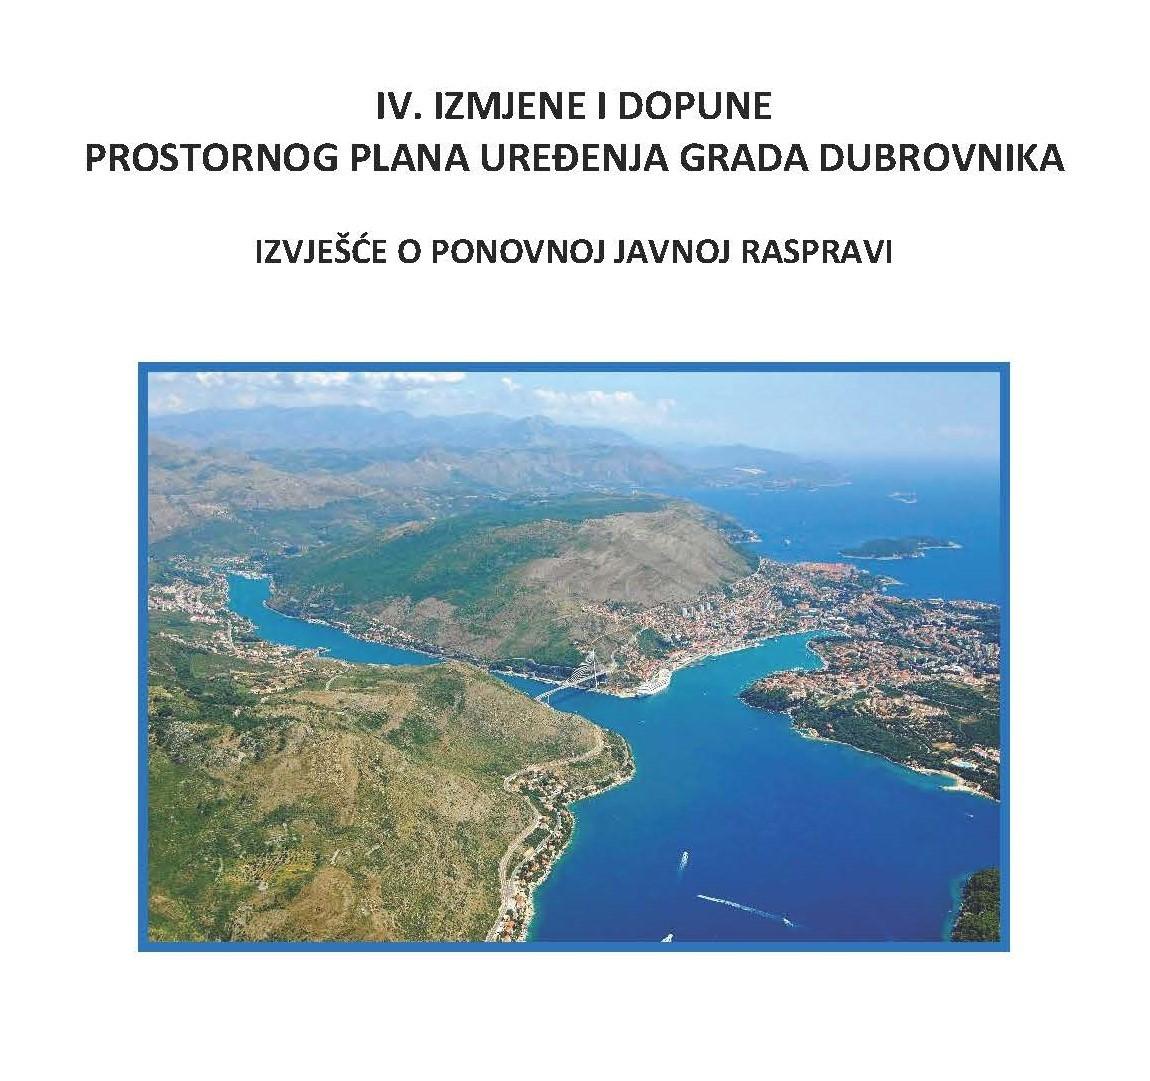 Izvješće o ponovnoj javnoj raspravi o Prijedlogu IV. Izmjena i dopuna Prostornog plana uređenja Grada Dubrovnika